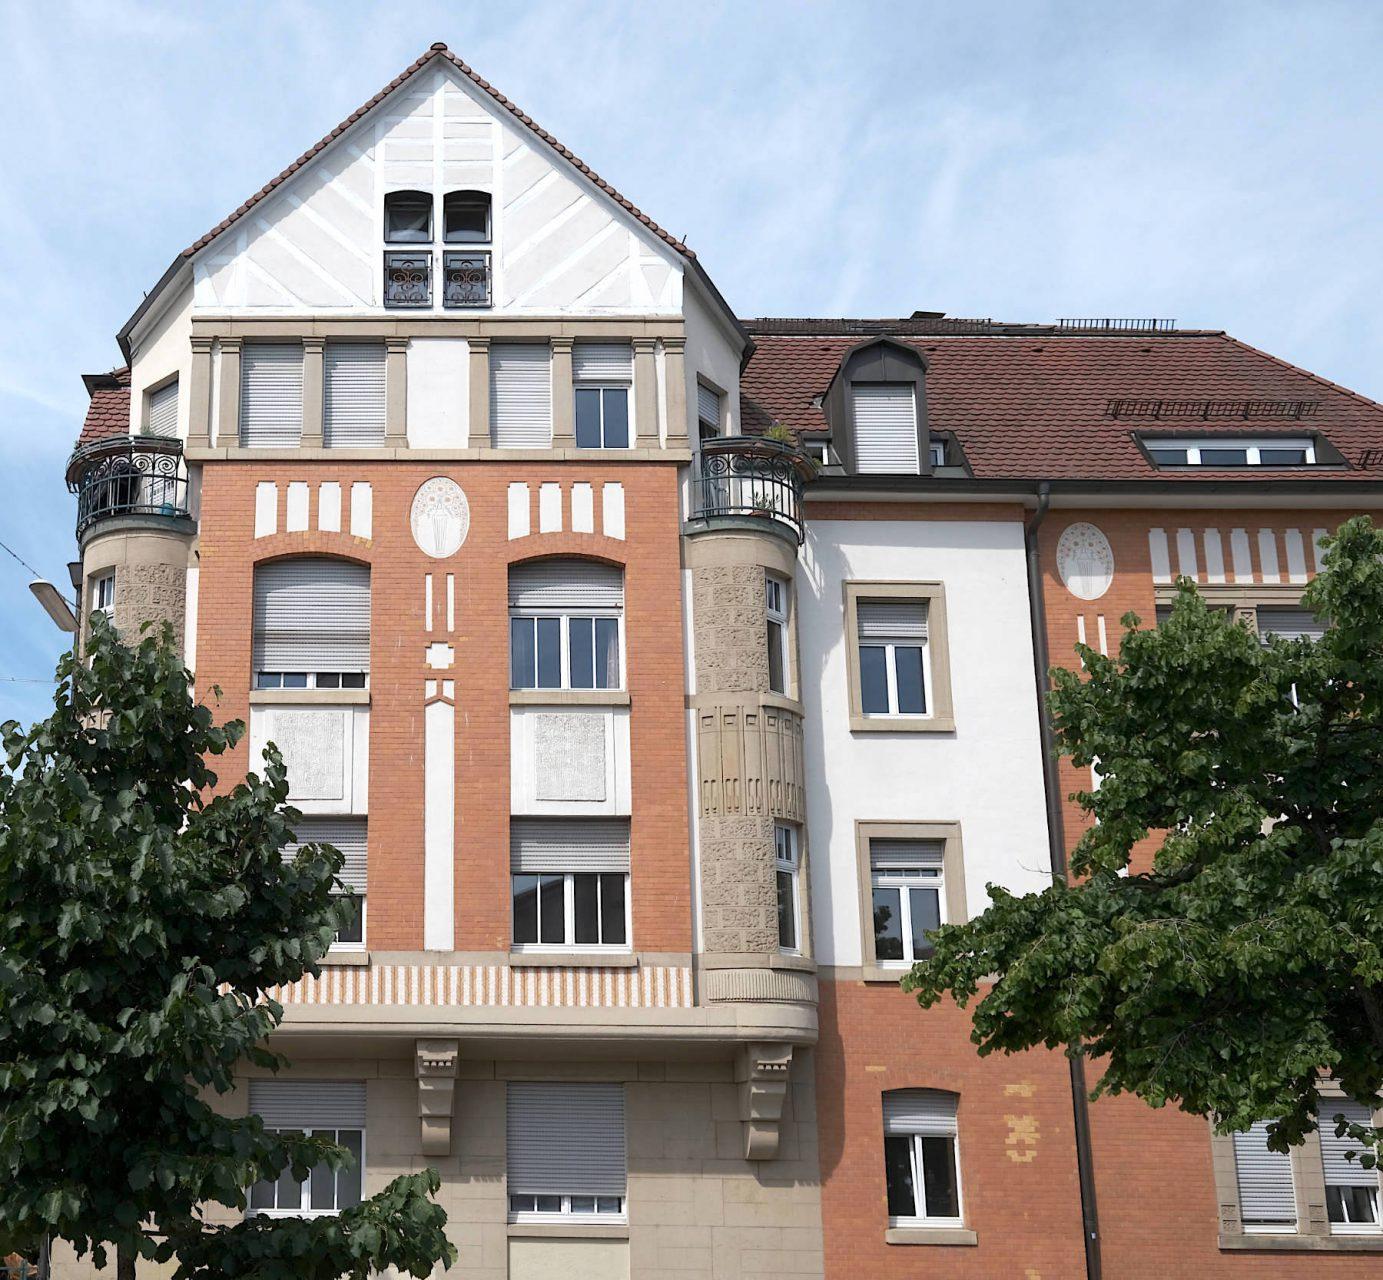 Karlsruher Jugendstil. Naturstein in Kombination mit kontrastierenden Putzflächen in orangefarbenem Rot prägen häufig die Fassaden, wie dieses Wohnhaus in der Yorckstraße 49 von Herman Bastel (1911).